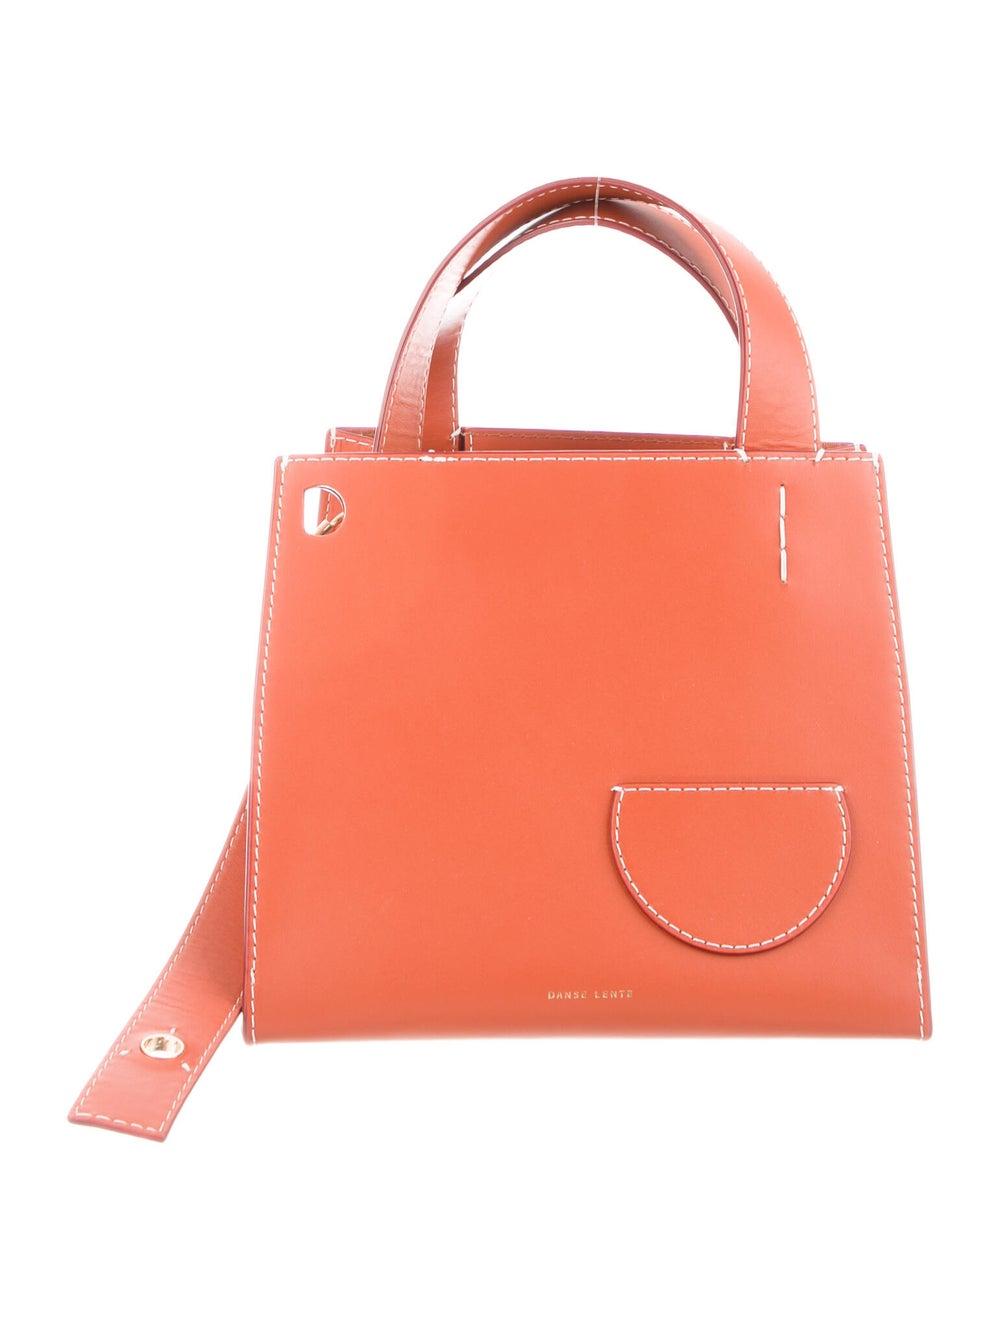 Danse Lente Leather Shoulder Bag Orange - image 1